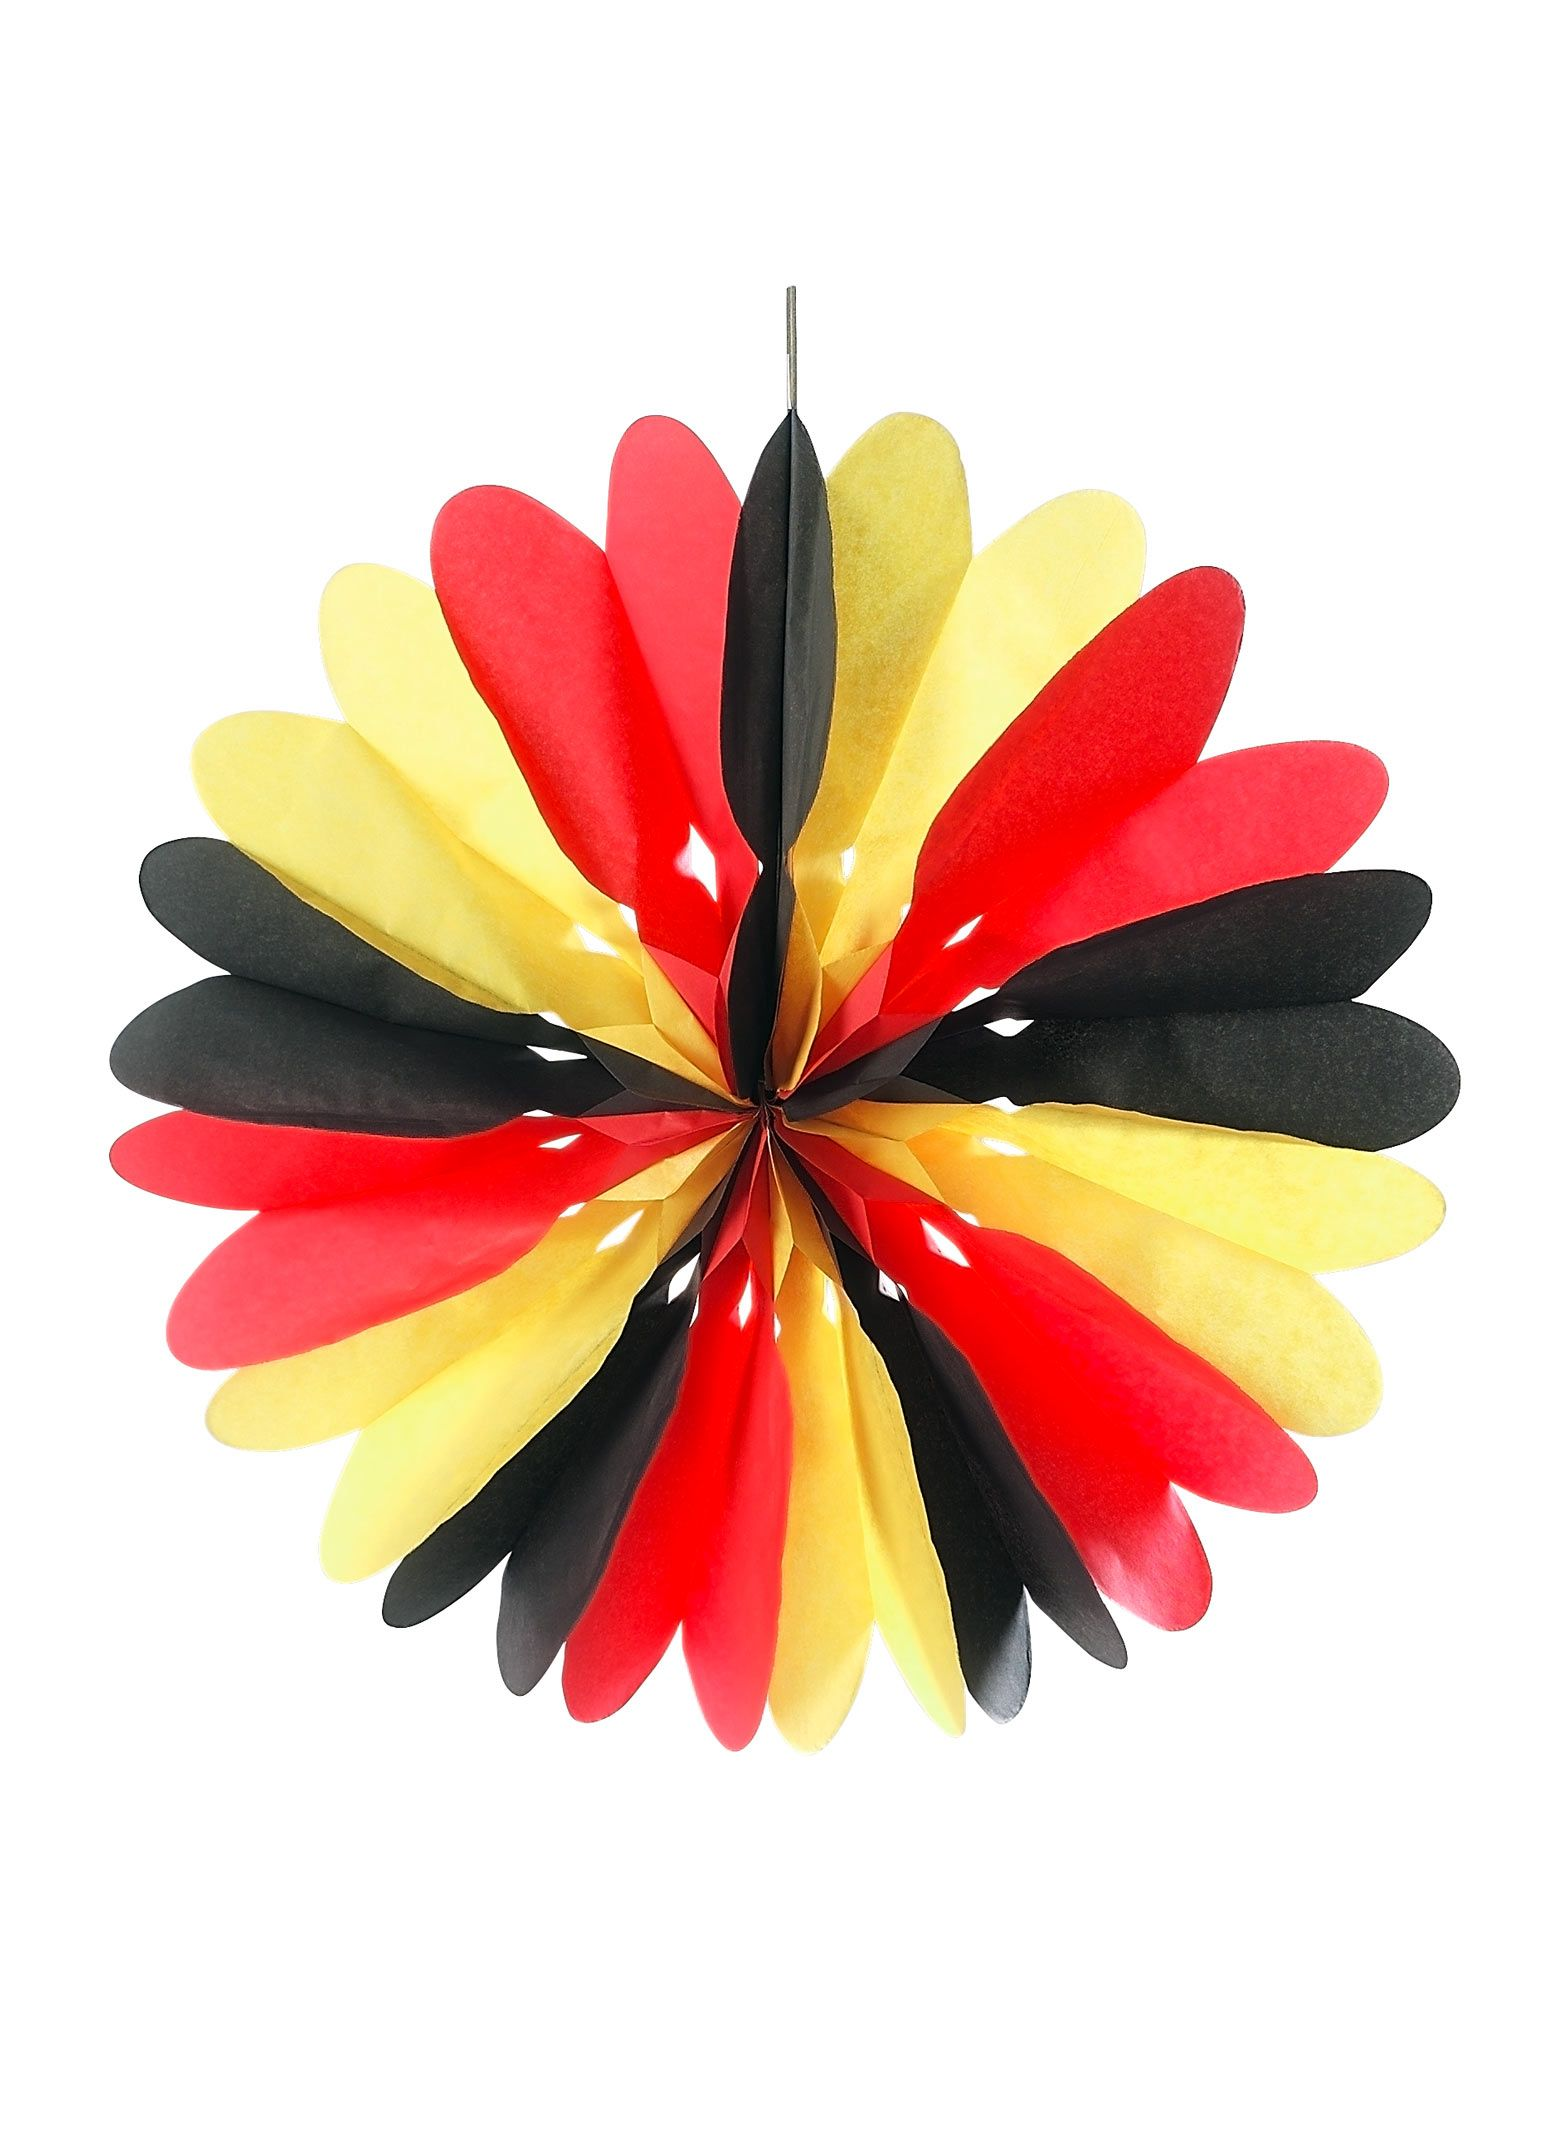 Onlineshop Fur Schaufensterdekoration Und Ladenausstattung Papierrosetten Sommer Dekoration Basteln